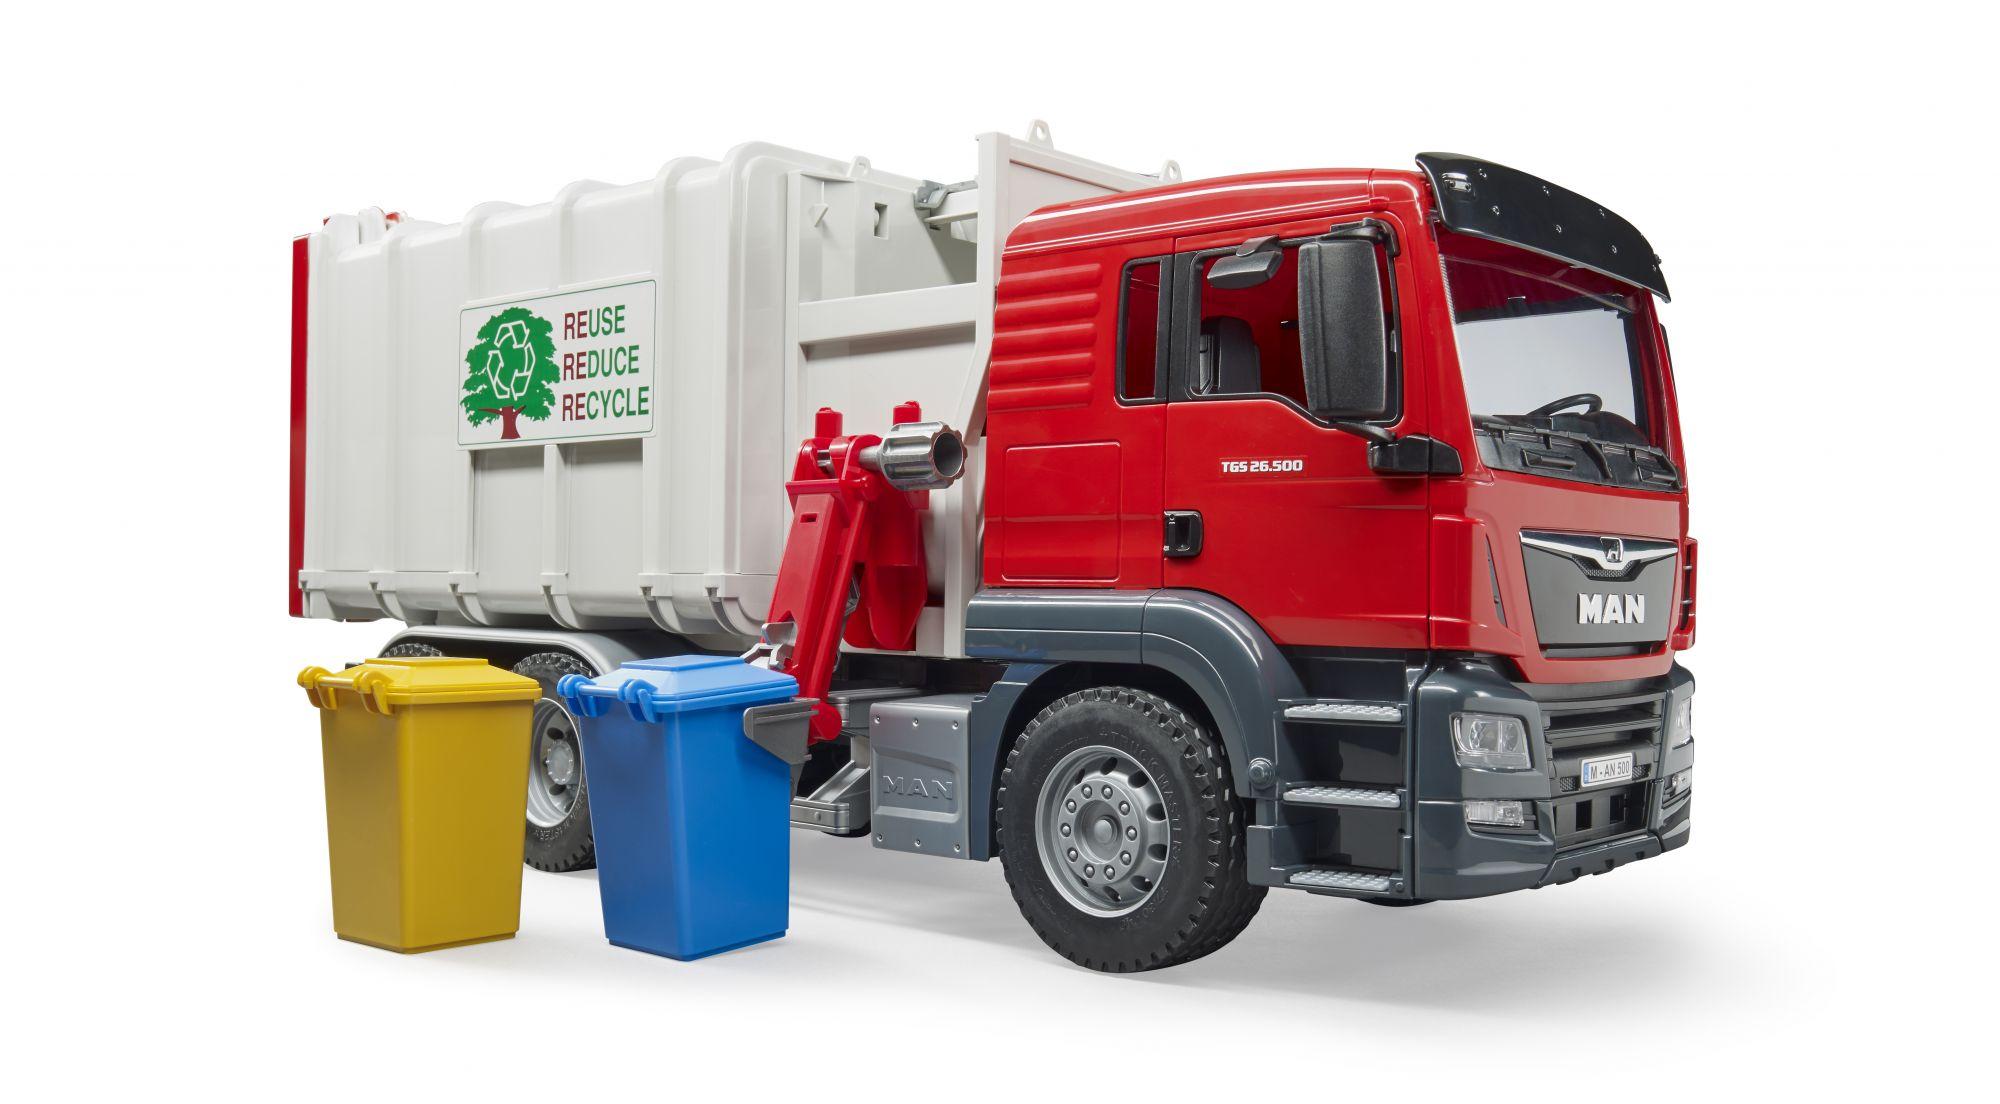 MAN TGS vuilniswagen met zijlader 3 - Bruder